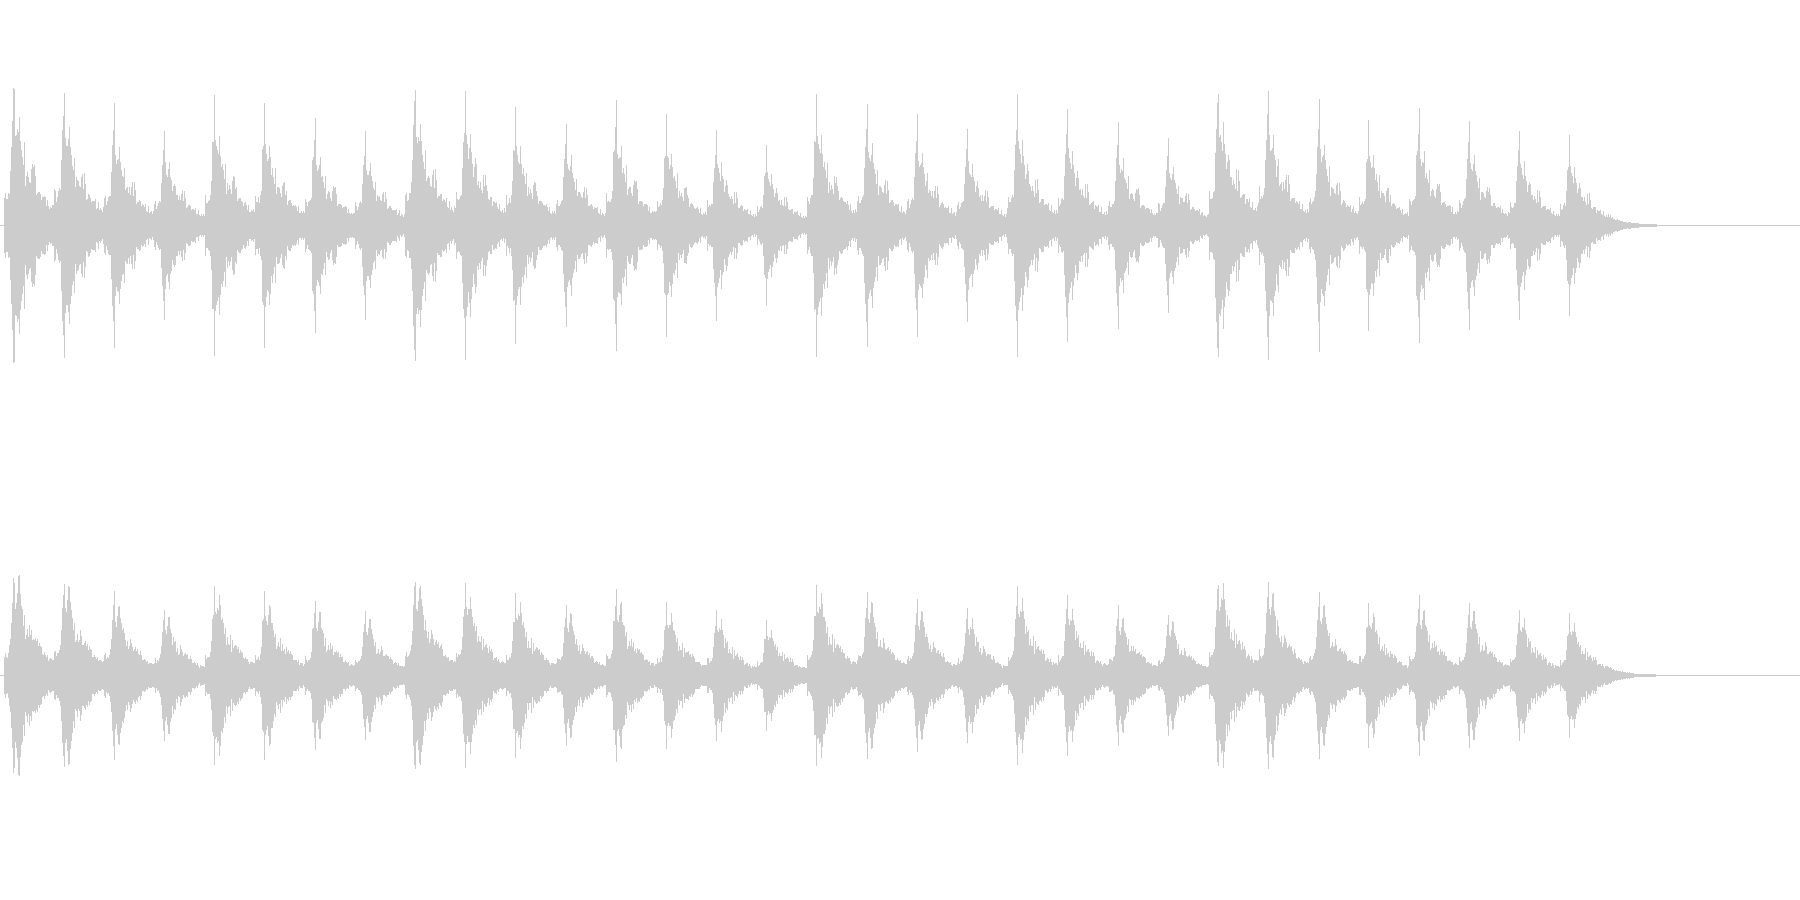 クリスマスの背景音に(スレイベル)の未再生の波形